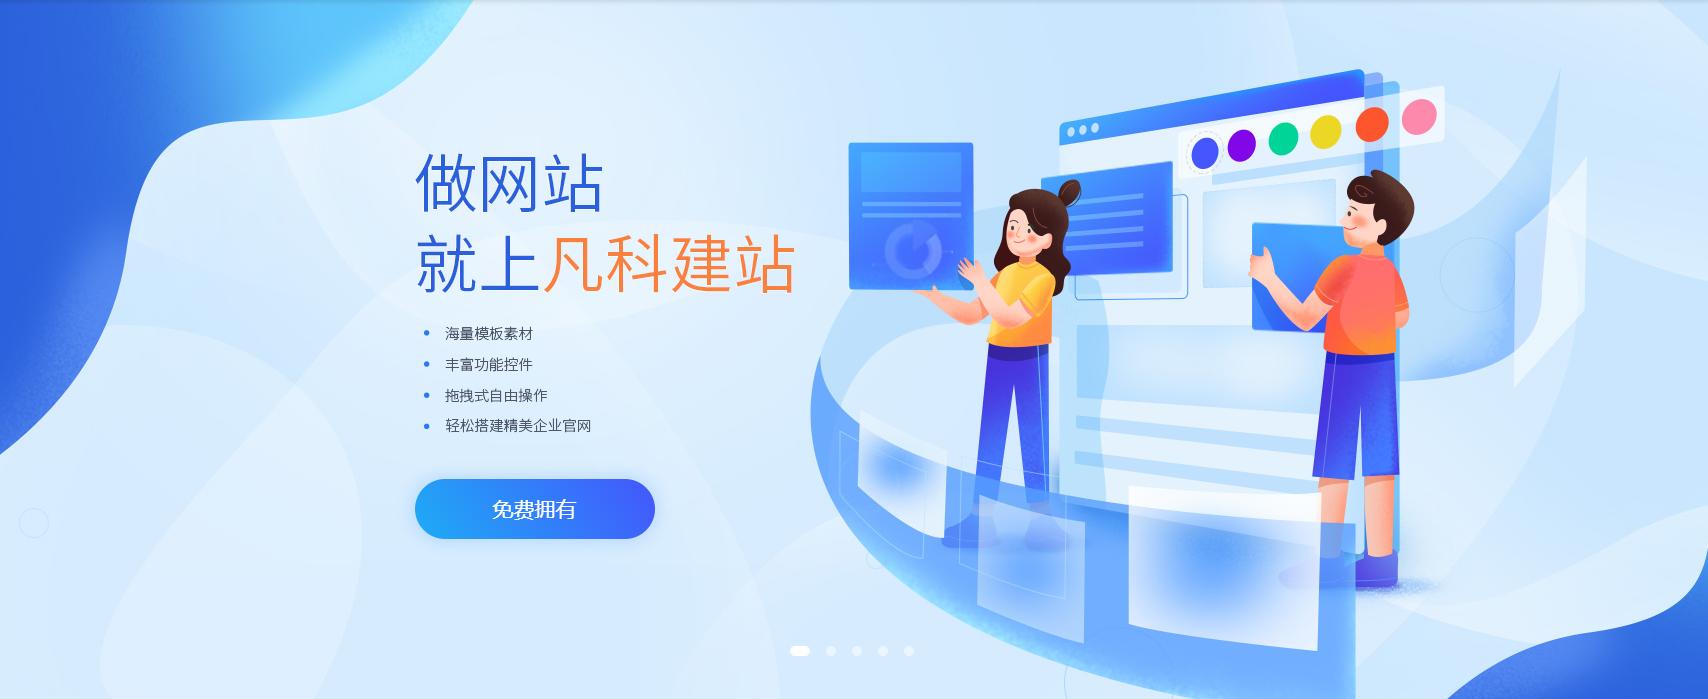 企业网站建设目标